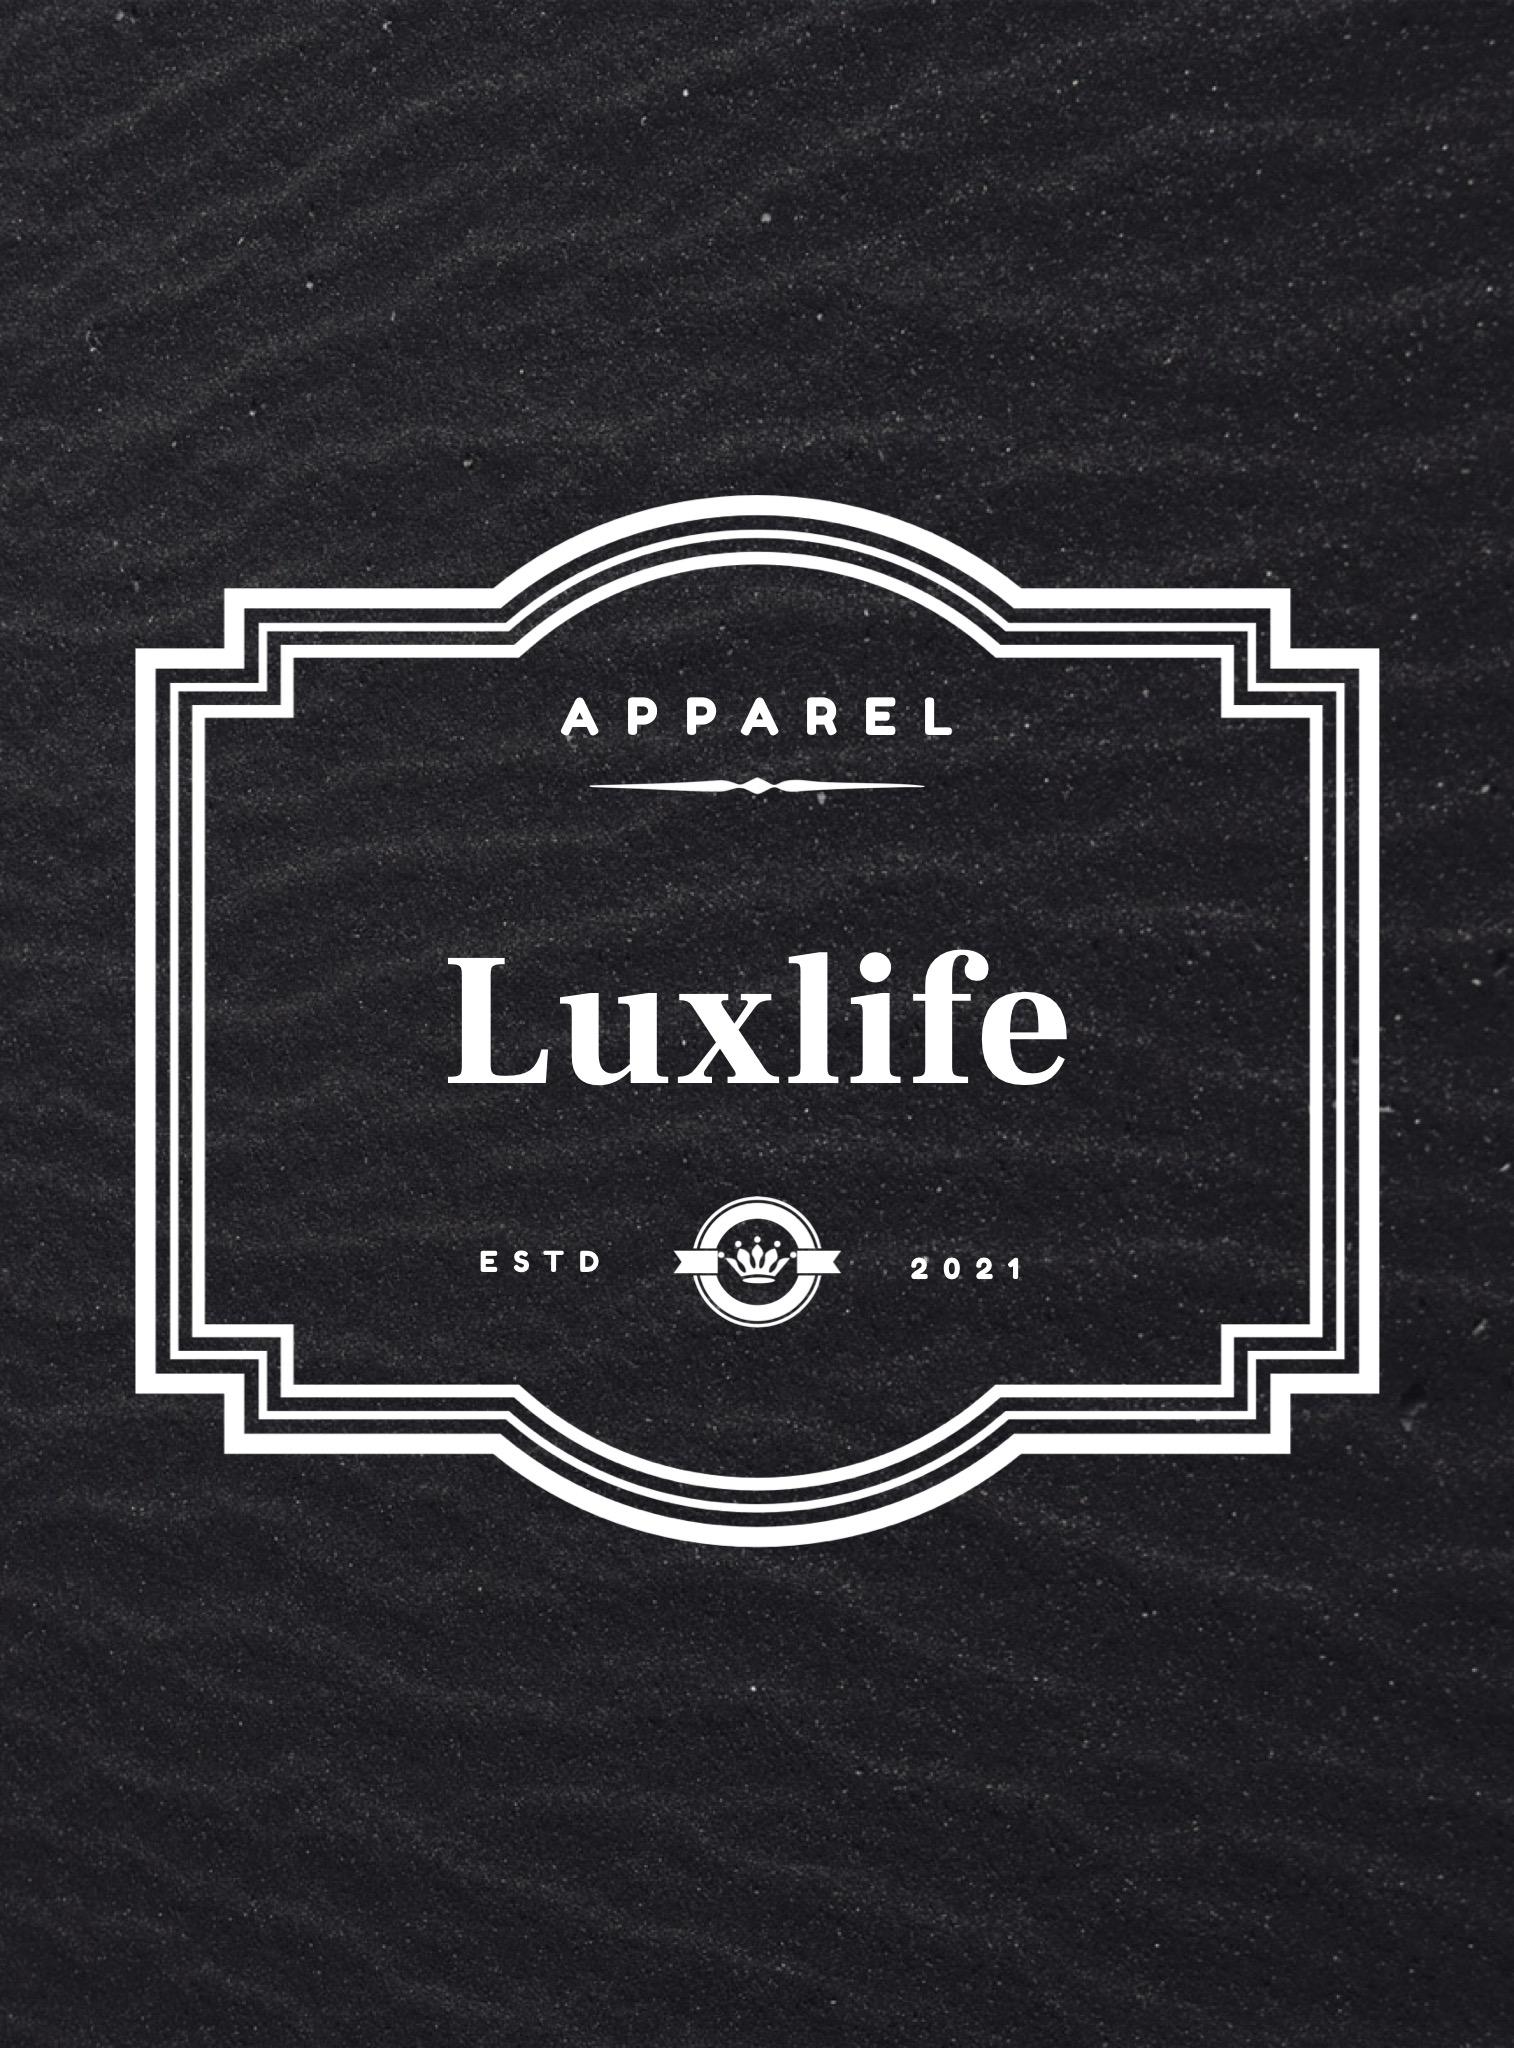 Luxlife Apparel